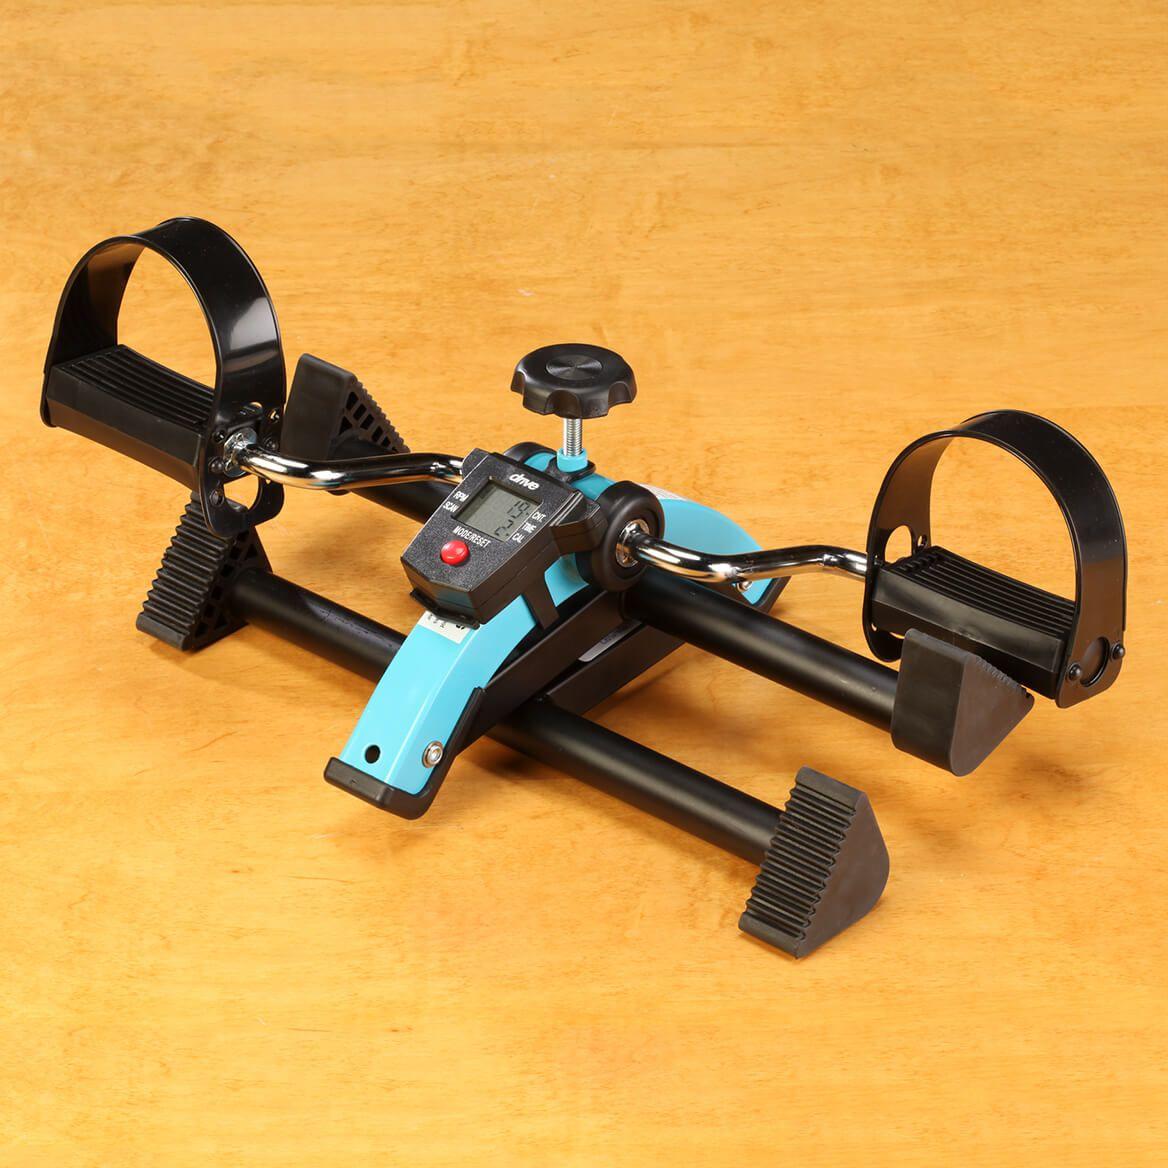 Folding Digital Pedal Exerciser-353587